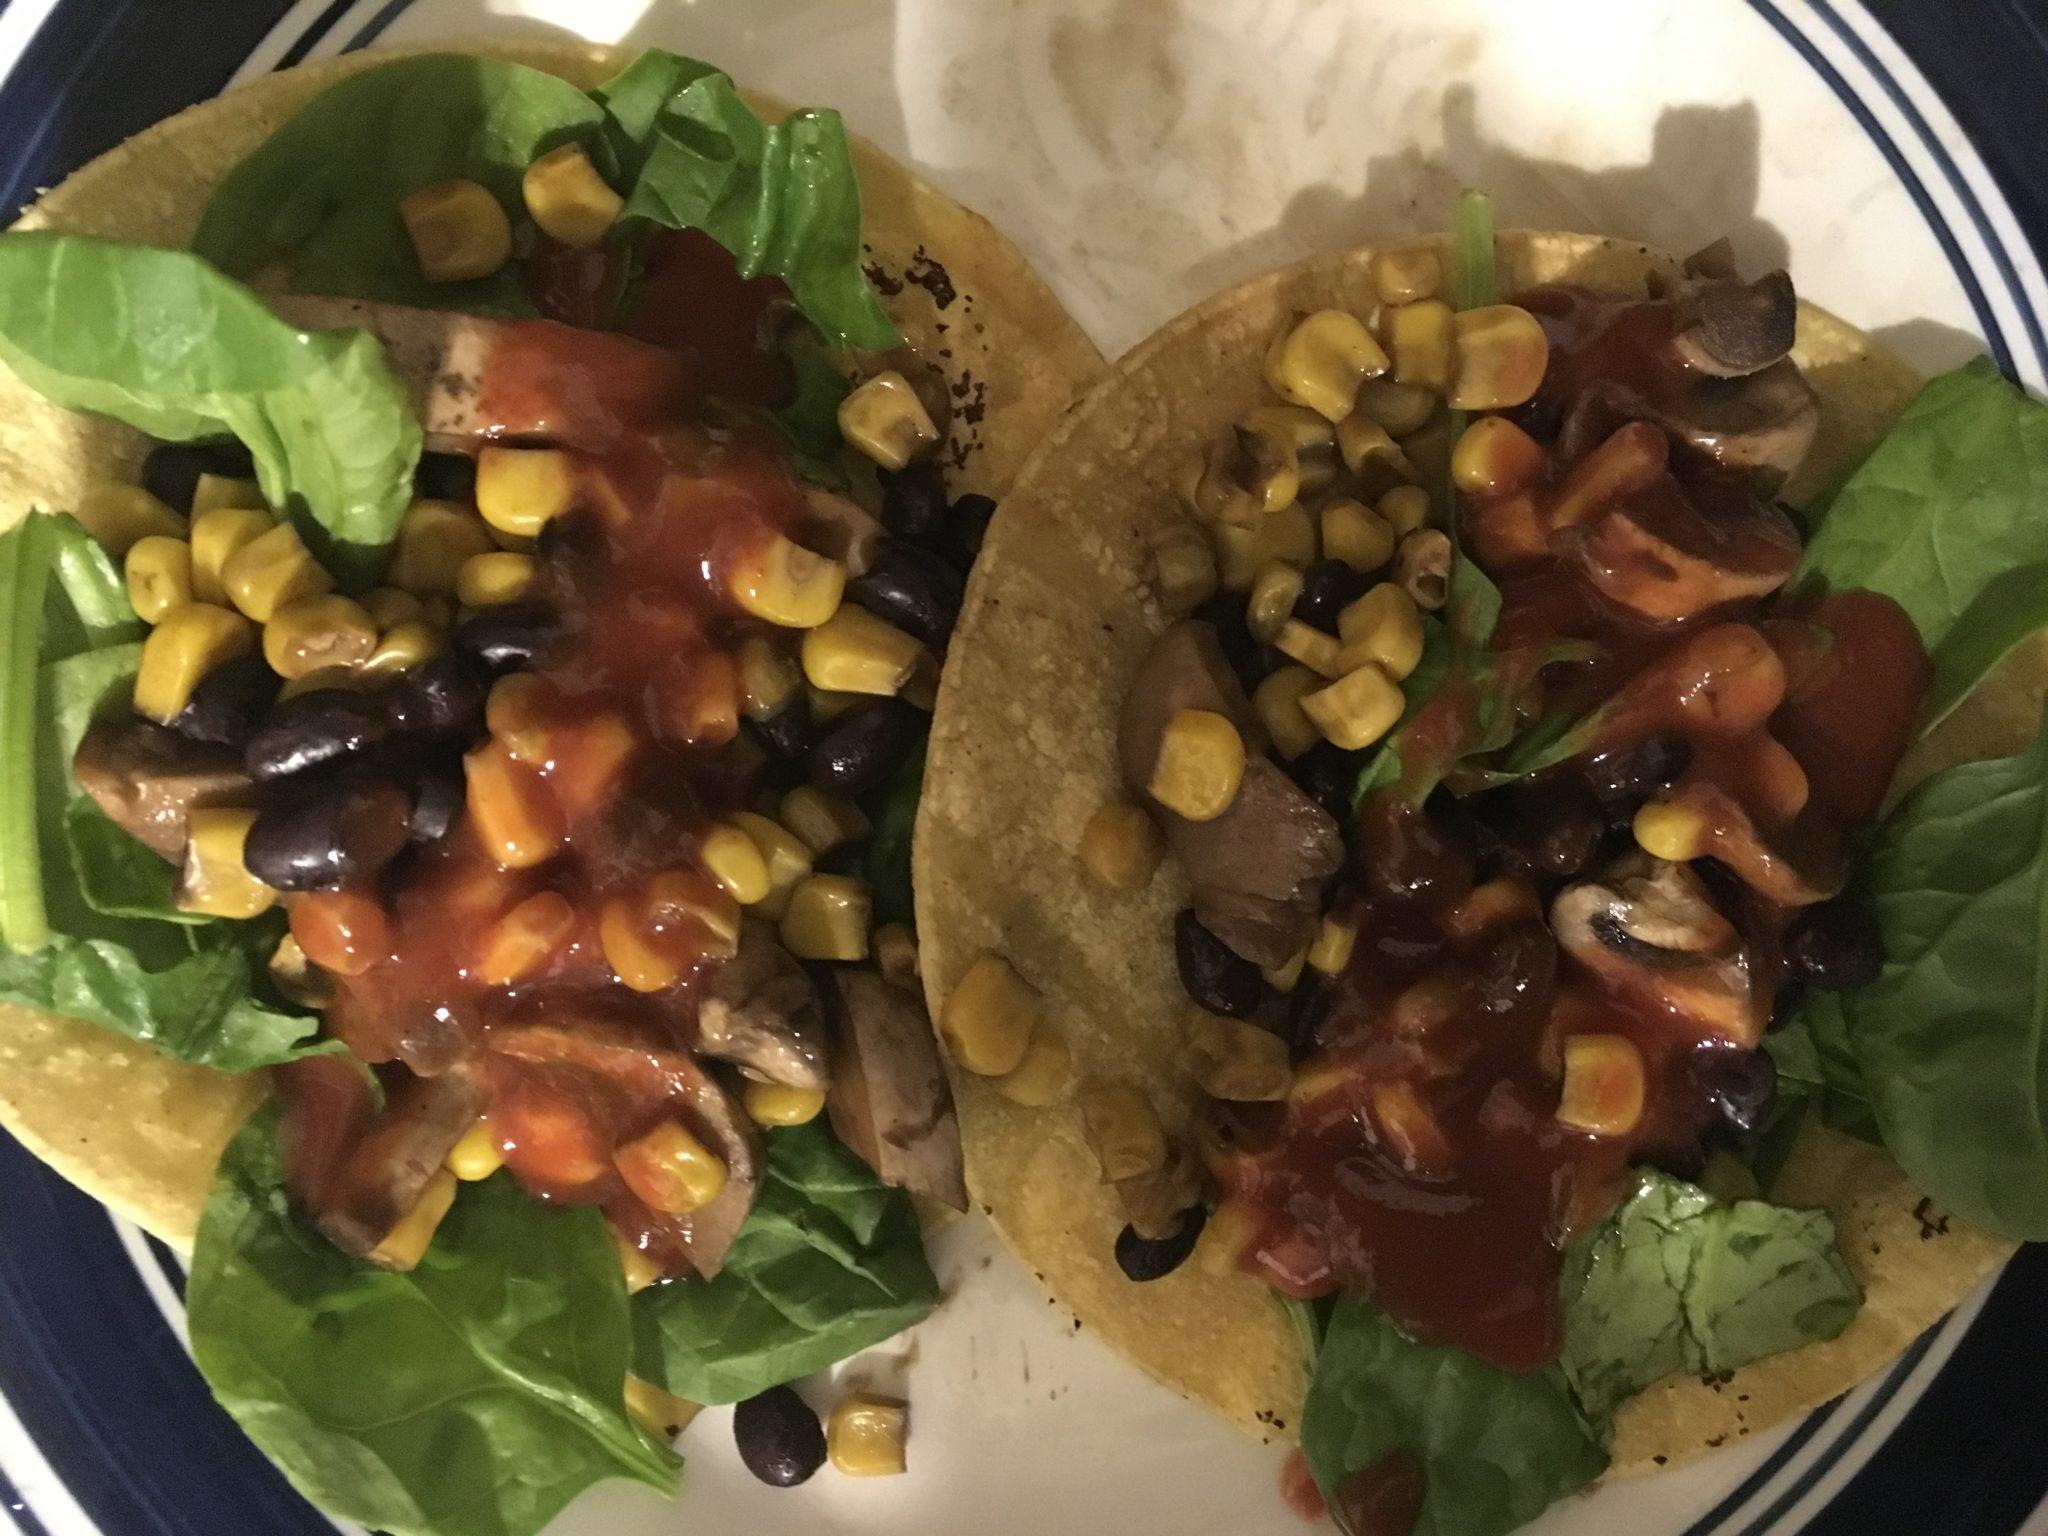 Black beans and musrooms fajitas